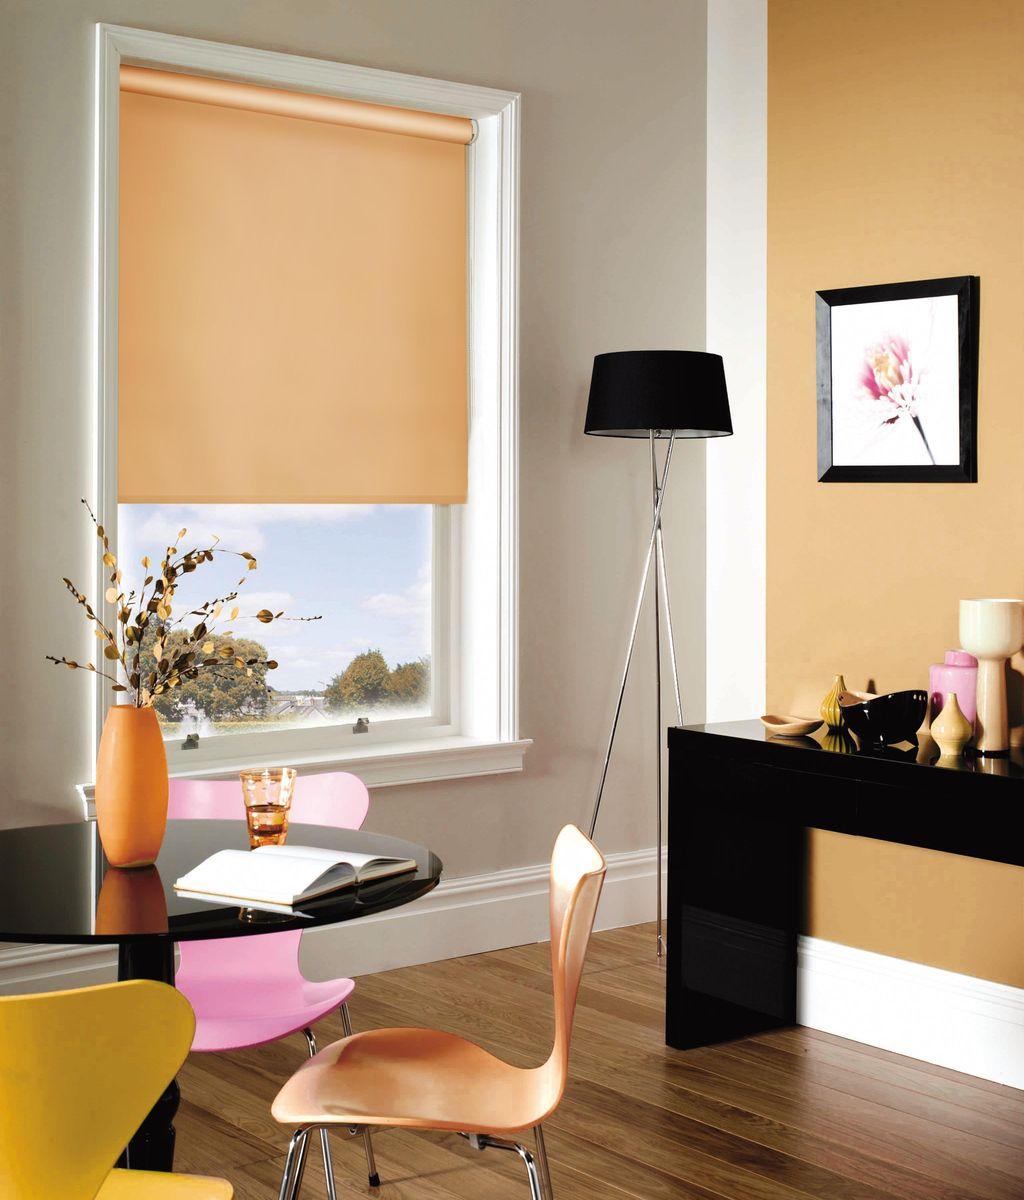 Штора рулонная Эскар, цвет: абрикосовый, ширина 210 см, высота 170 см81012210170Рулонными шторами можно оформлять окна как самостоятельно, так и использовать в комбинации с портьерами. Это поможет предотвратить выгорание дорогой ткани на солнце и соединит функционал рулонных с красотой навесных. Преимущества применения рулонных штор для пластиковых окон: - имеют прекрасный внешний вид: многообразие и фактурность материала изделия отлично смотрятся в любом интерьере; - многофункциональны: есть возможность подобрать шторы способные эффективно защитить комнату от солнца, при этом она не будет слишком темной. - Есть возможность осуществить быстрый монтаж. ВНИМАНИЕ! Размеры ширины изделия указаны по ширине ткани! Во время эксплуатации не рекомендуется полностью разматывать рулон, чтобы не оторвать ткань от намоточного вала. В случае загрязнения поверхности ткани, чистку шторы проводят одним из способов, в зависимости от типа загрязнения: легкое поверхностное загрязнение можно удалить при помощи канцелярского ластика; чистка от пыли производится сухим методом при...